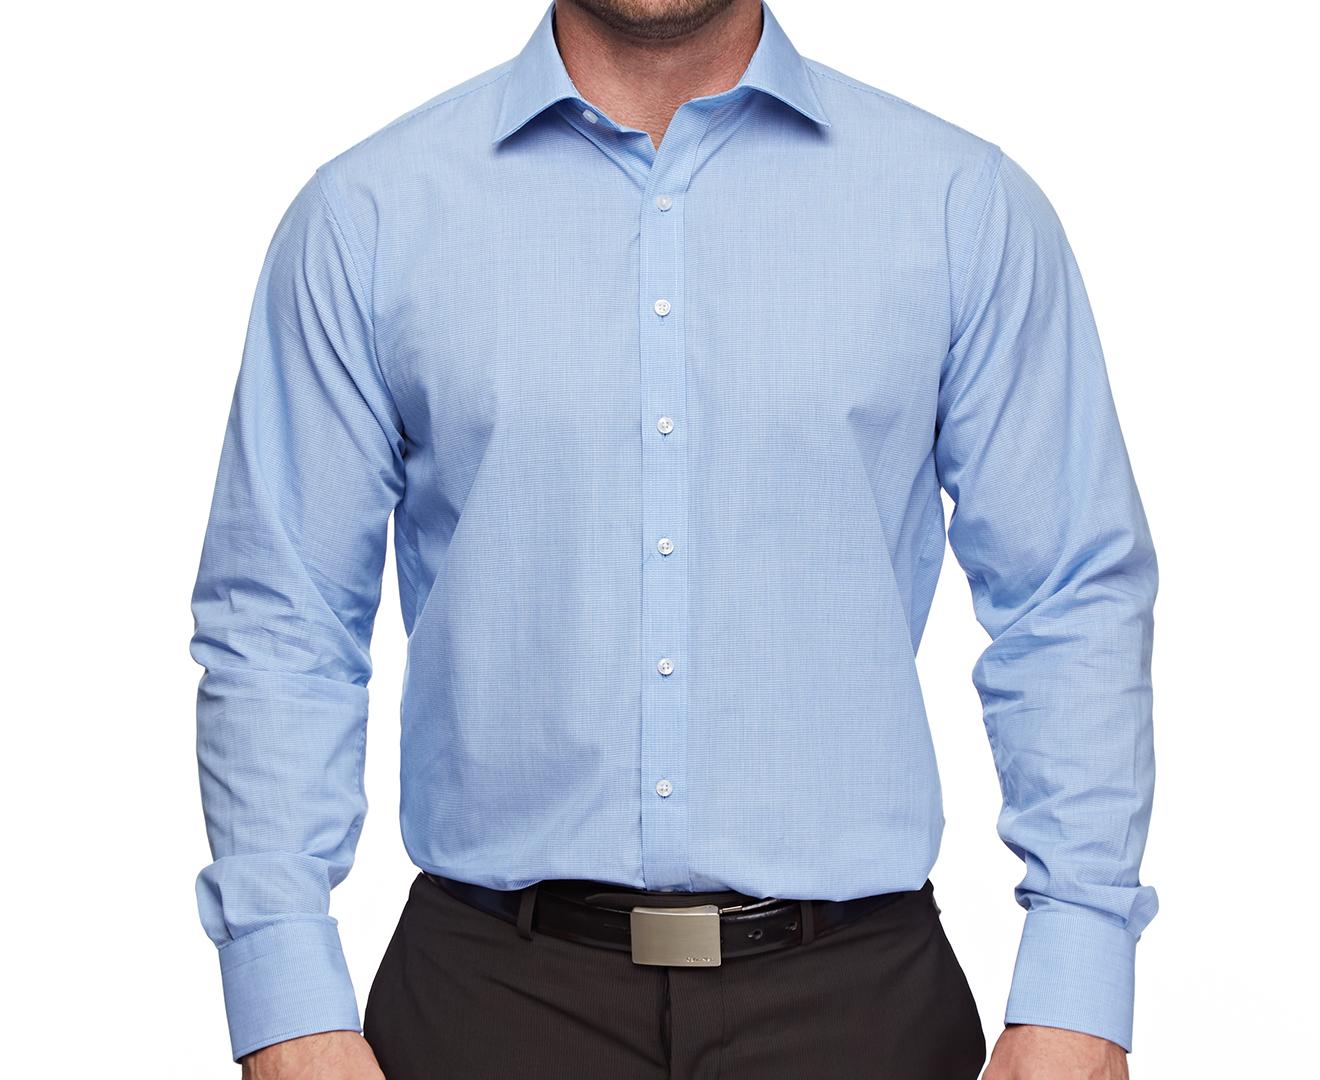 Van Heusen Mens Shirt Size Chart